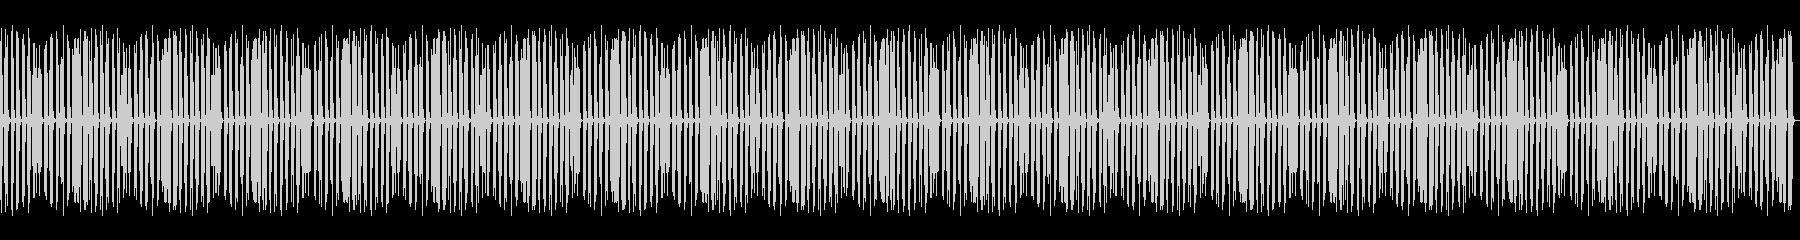 知育・シンプル・パズル・日常ピアノ33Lの未再生の波形